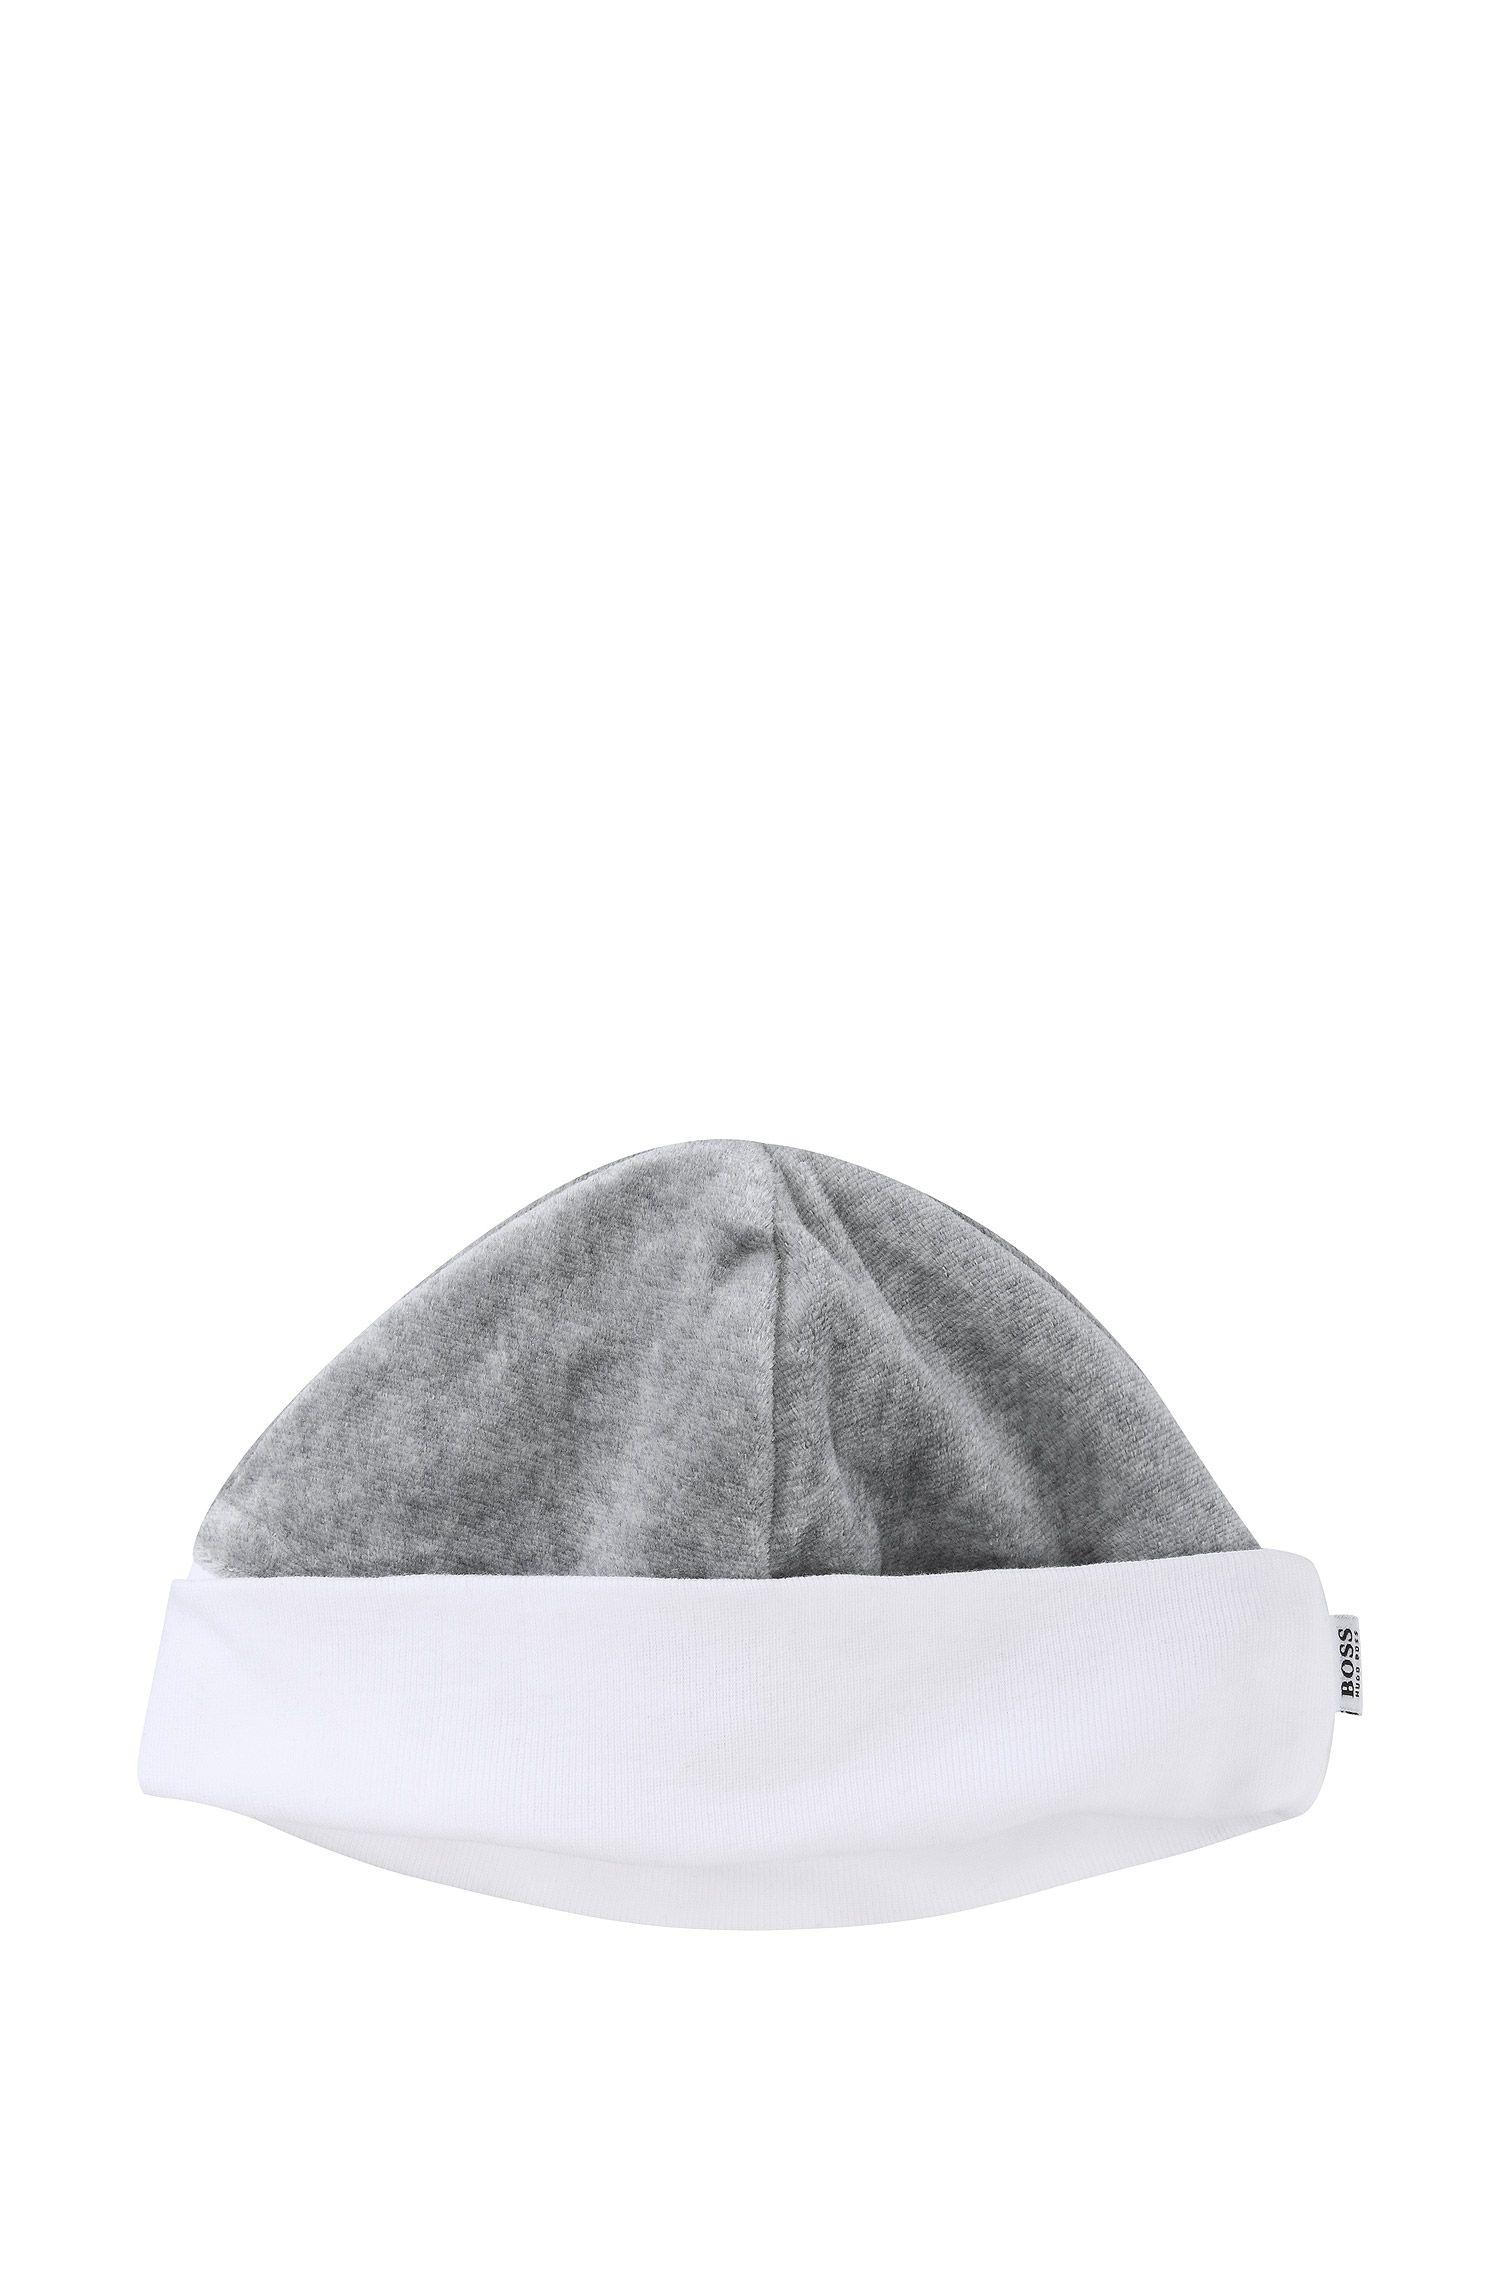 Bonnet réversible pour bébé «J91031» en coton mélangé